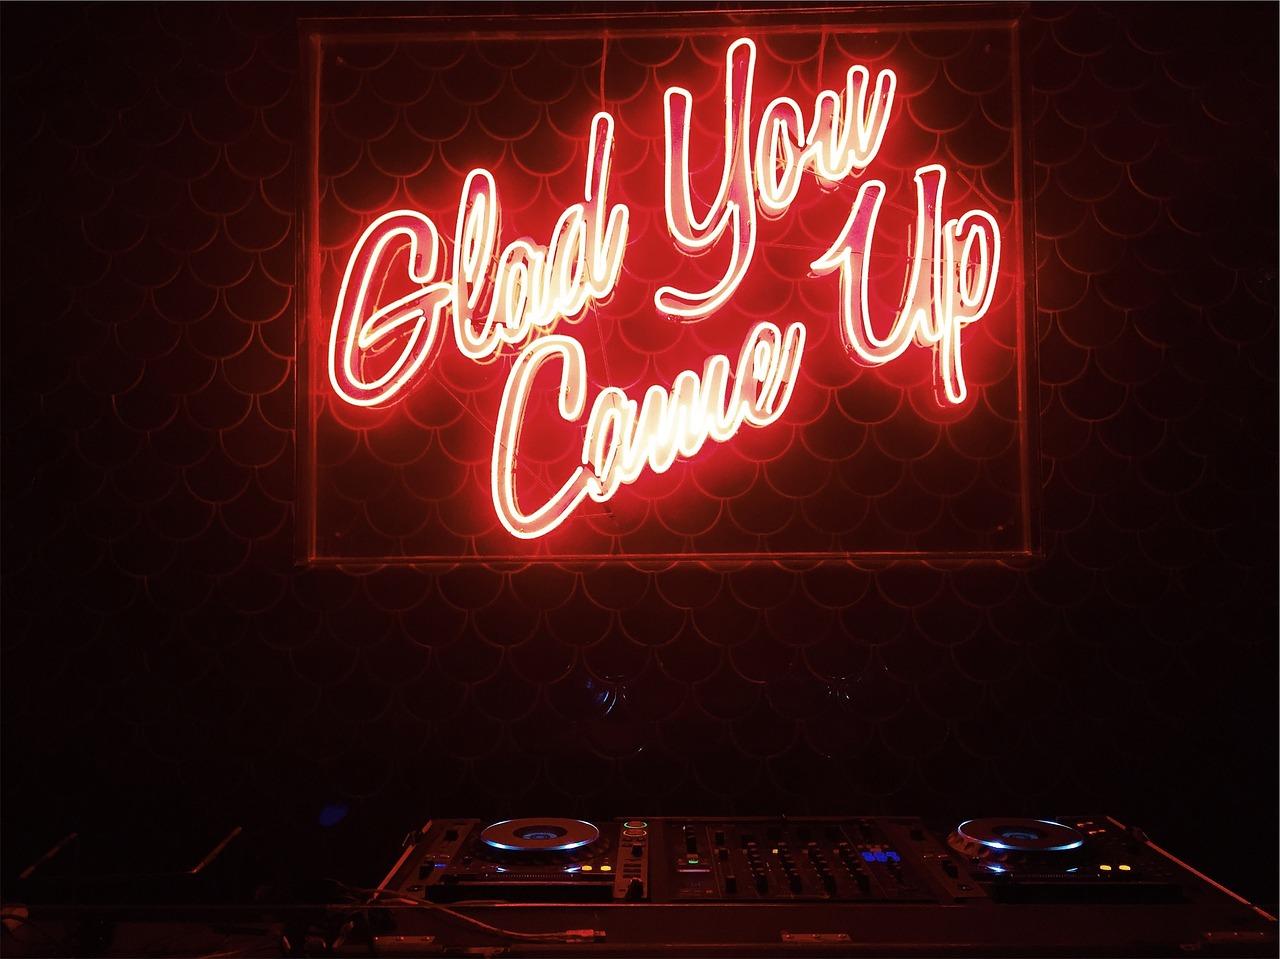 Nightclub Sign